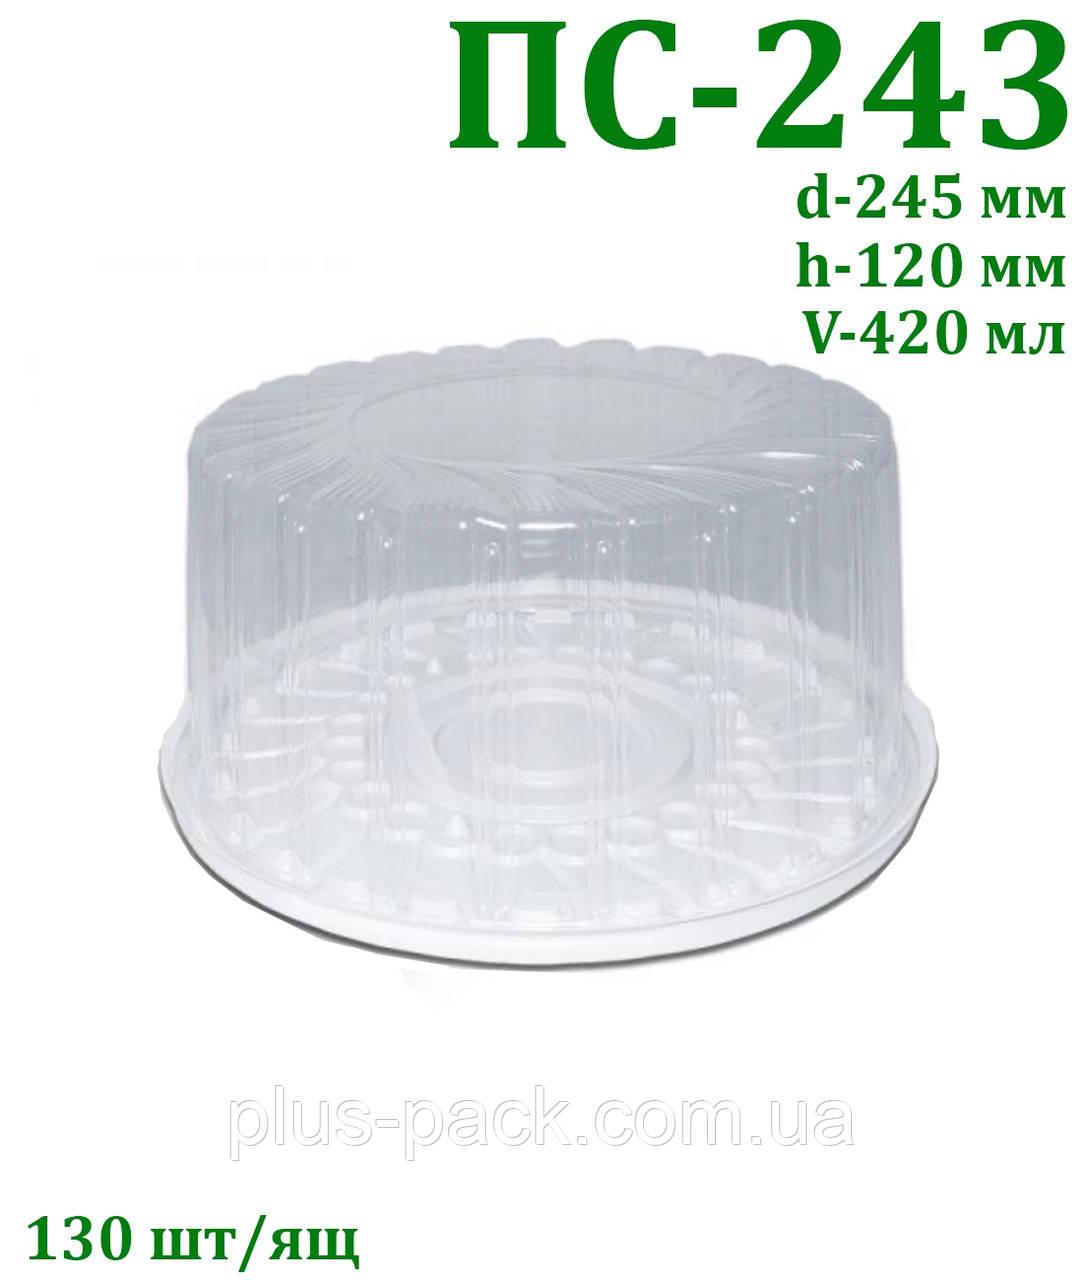 Пластикова Упаковка для тортів. 130шт/ящ